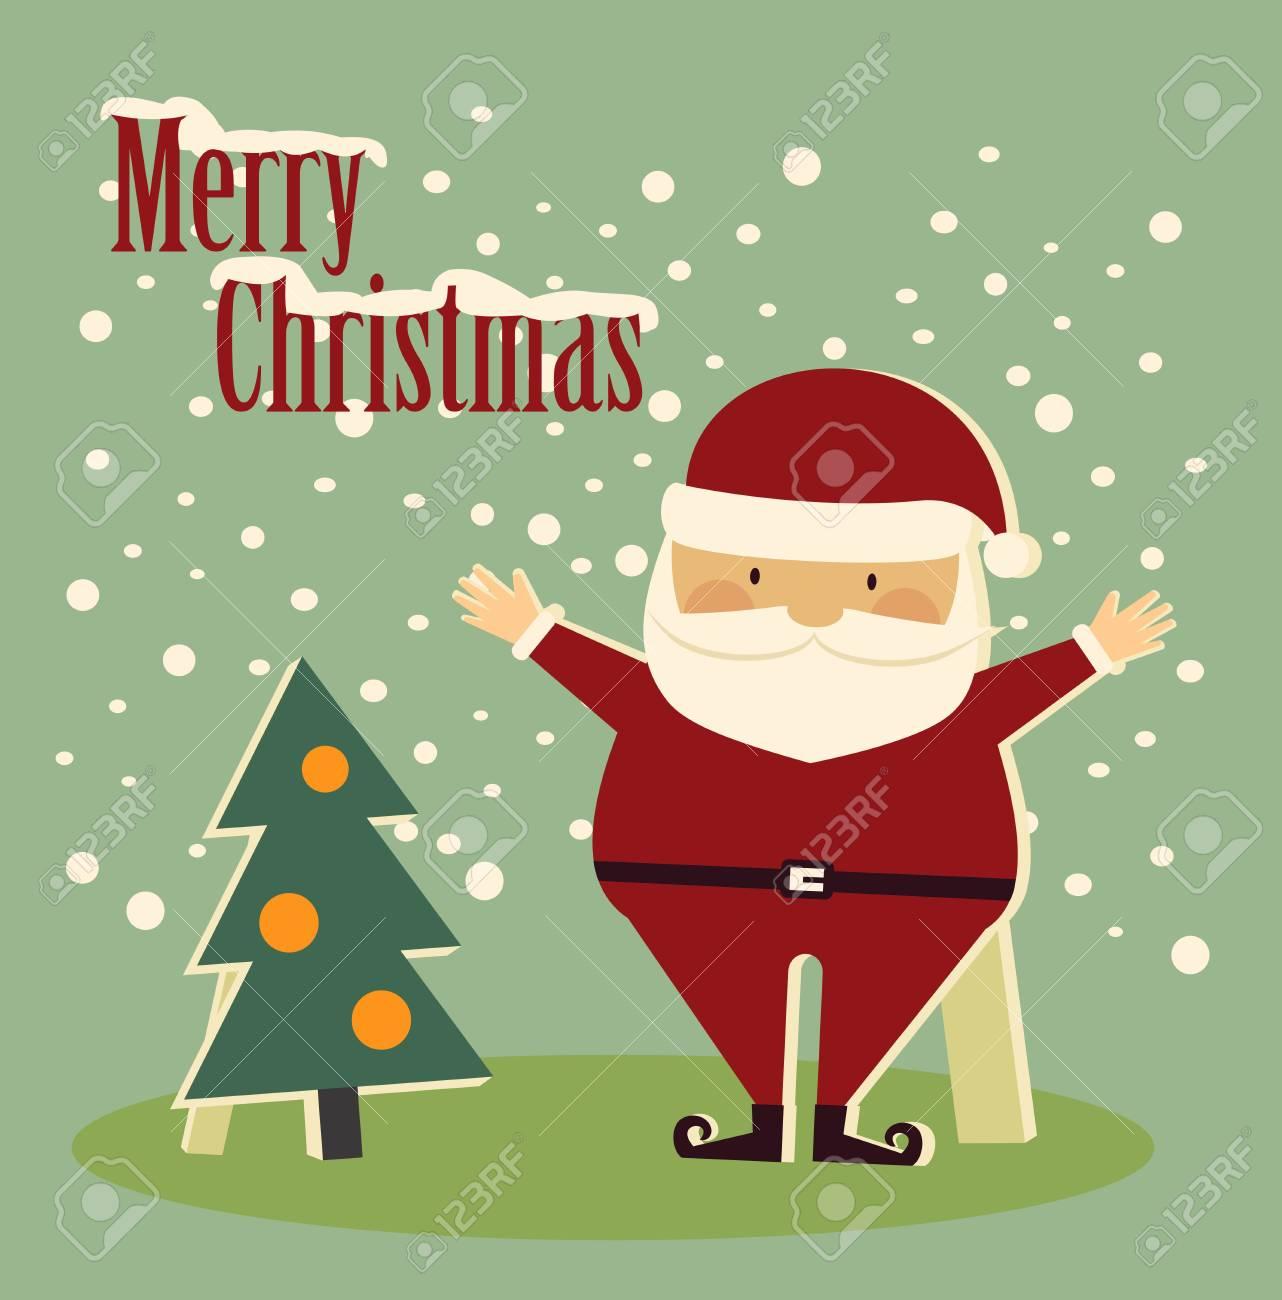 Weihnachtsmann Stehen Neben Einem Baum Und Wünschte Frohe ...